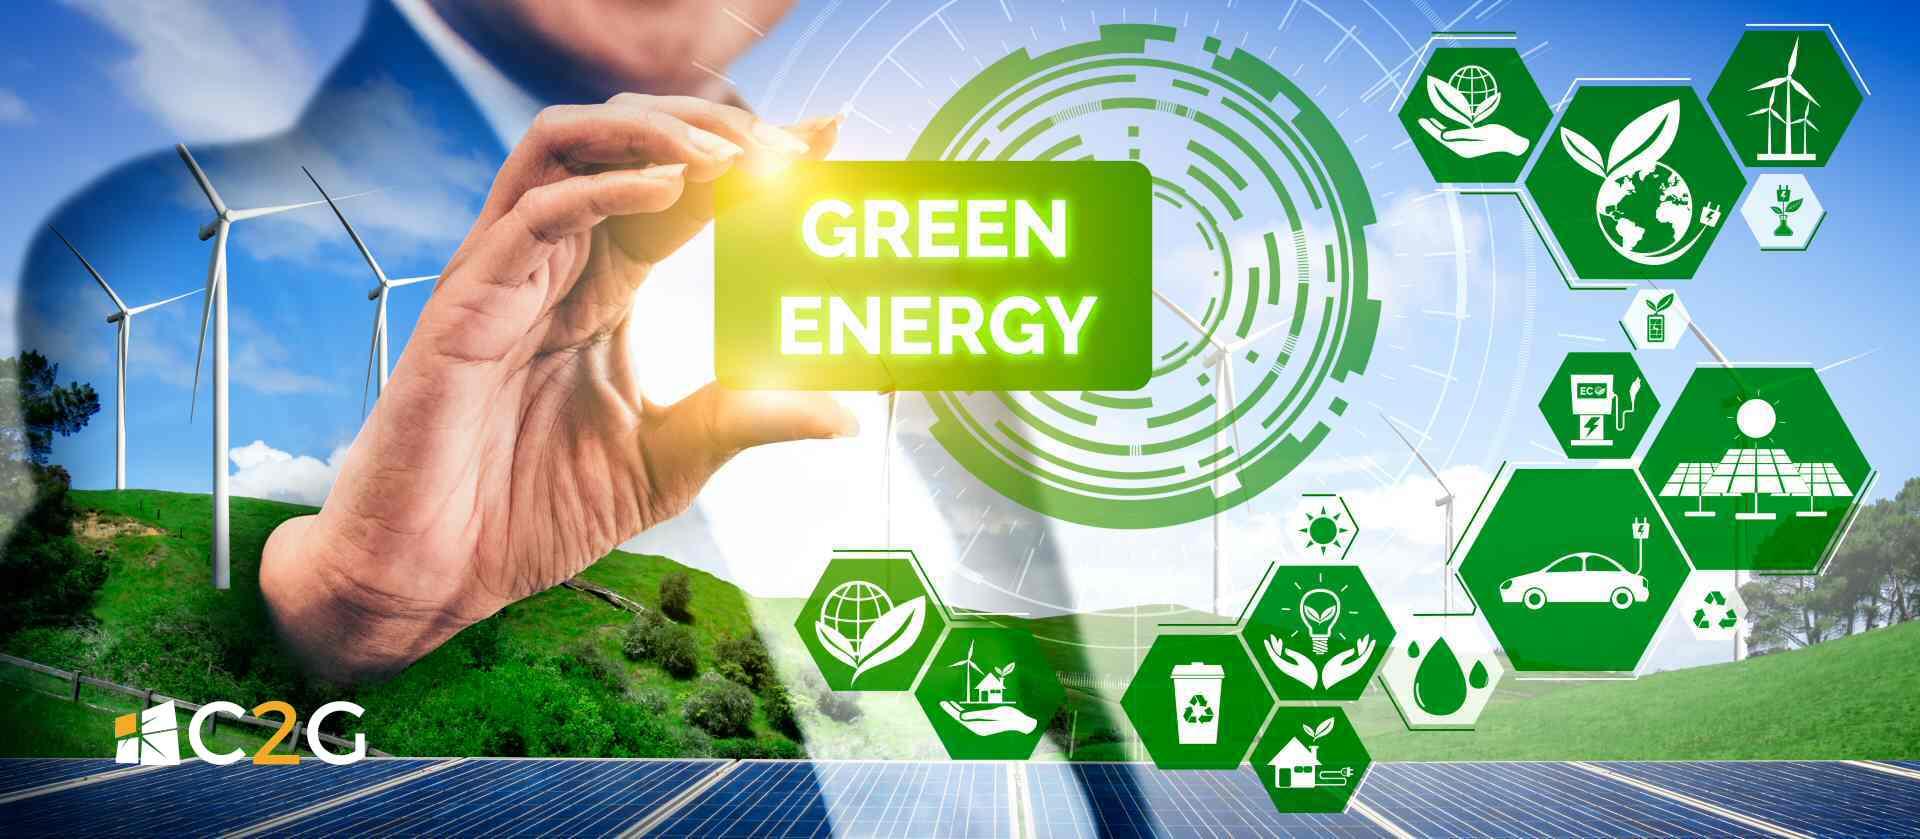 Energia verde - C2G Solar